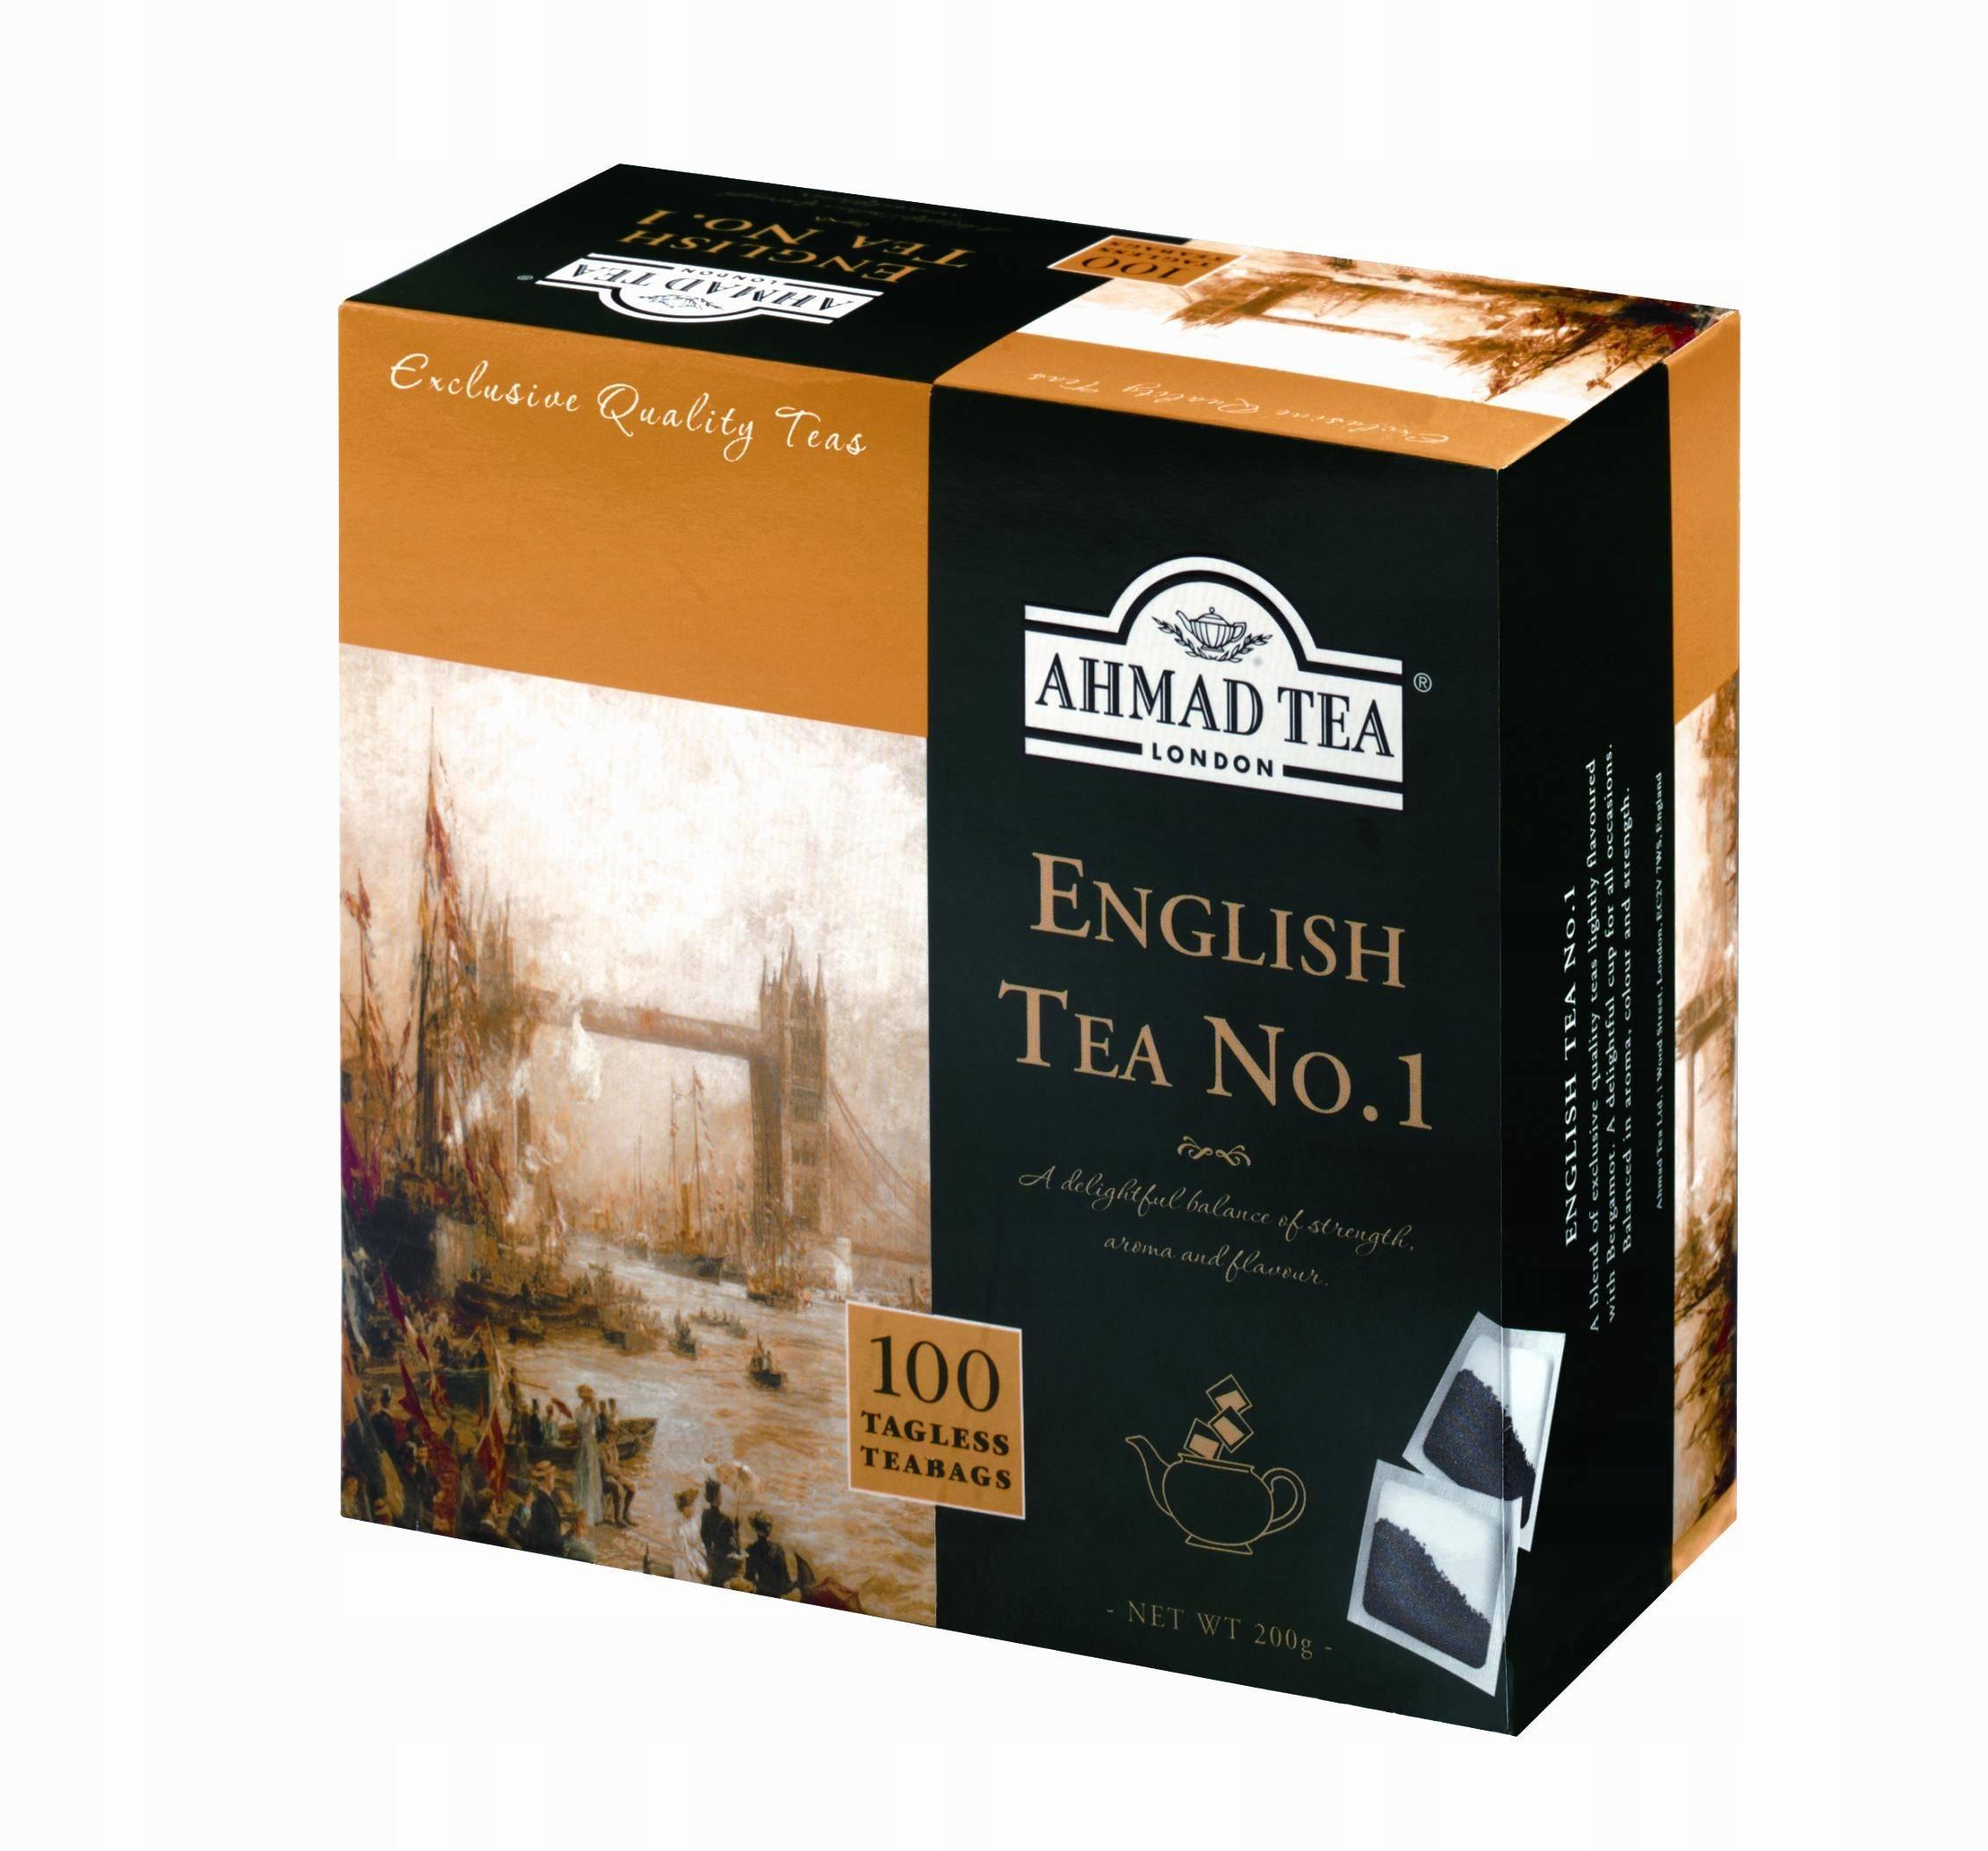 Five o'clock tea как одна из самых главных традиций англичан